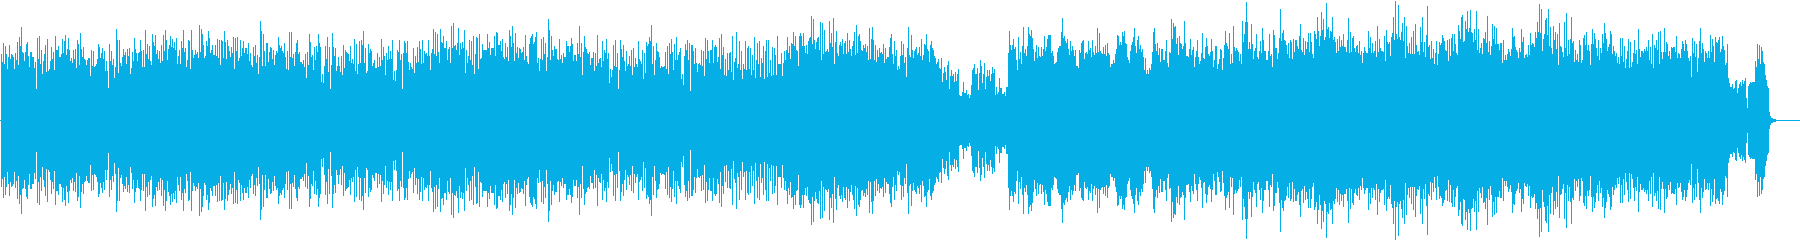 攻撃的なギターリフの曲の再生済みの波形